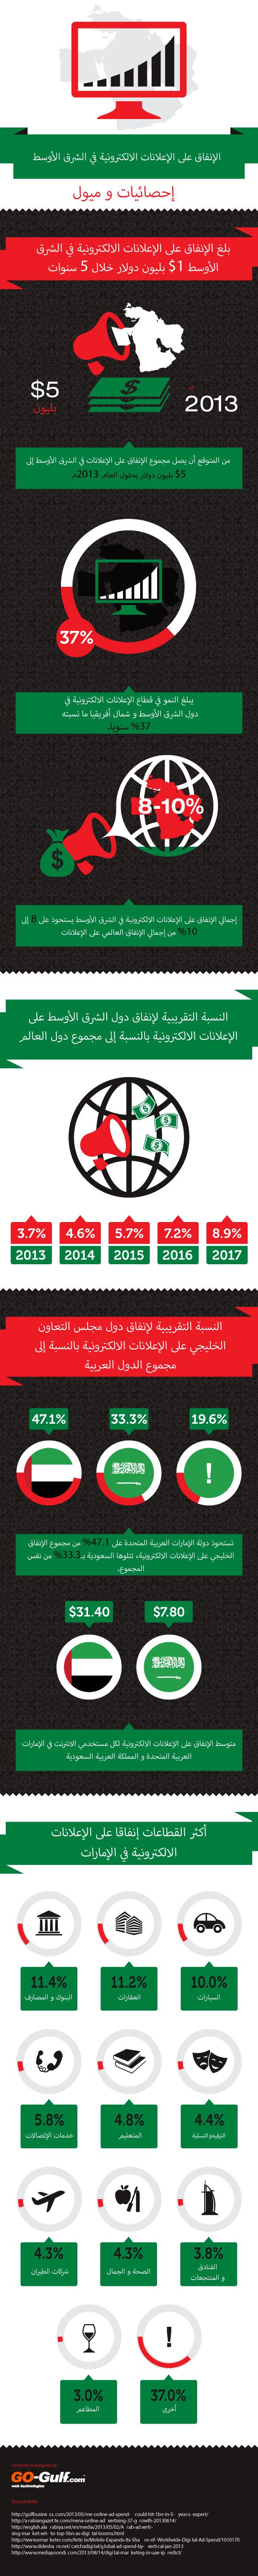 الإنفاق على الإعلانات الإلكترونية في الشرق الأوسط